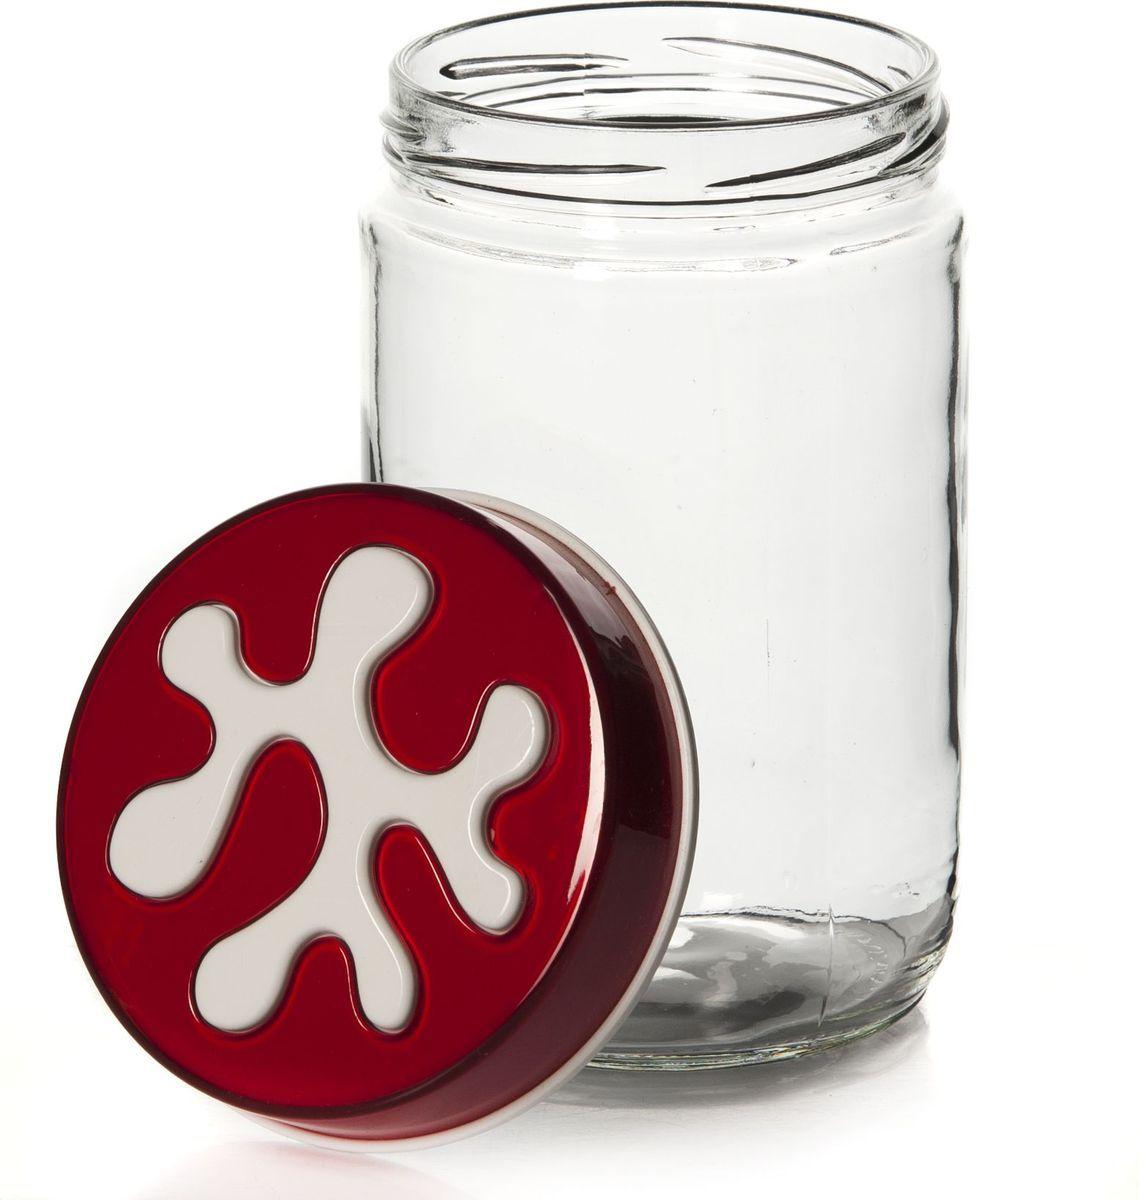 Банка для сыпучих продуктов Herevin, 660 мл. 135367-205FA-5125-1 BlueЕмкость прозрачная с цветной крышкой 9*9*14,5 см